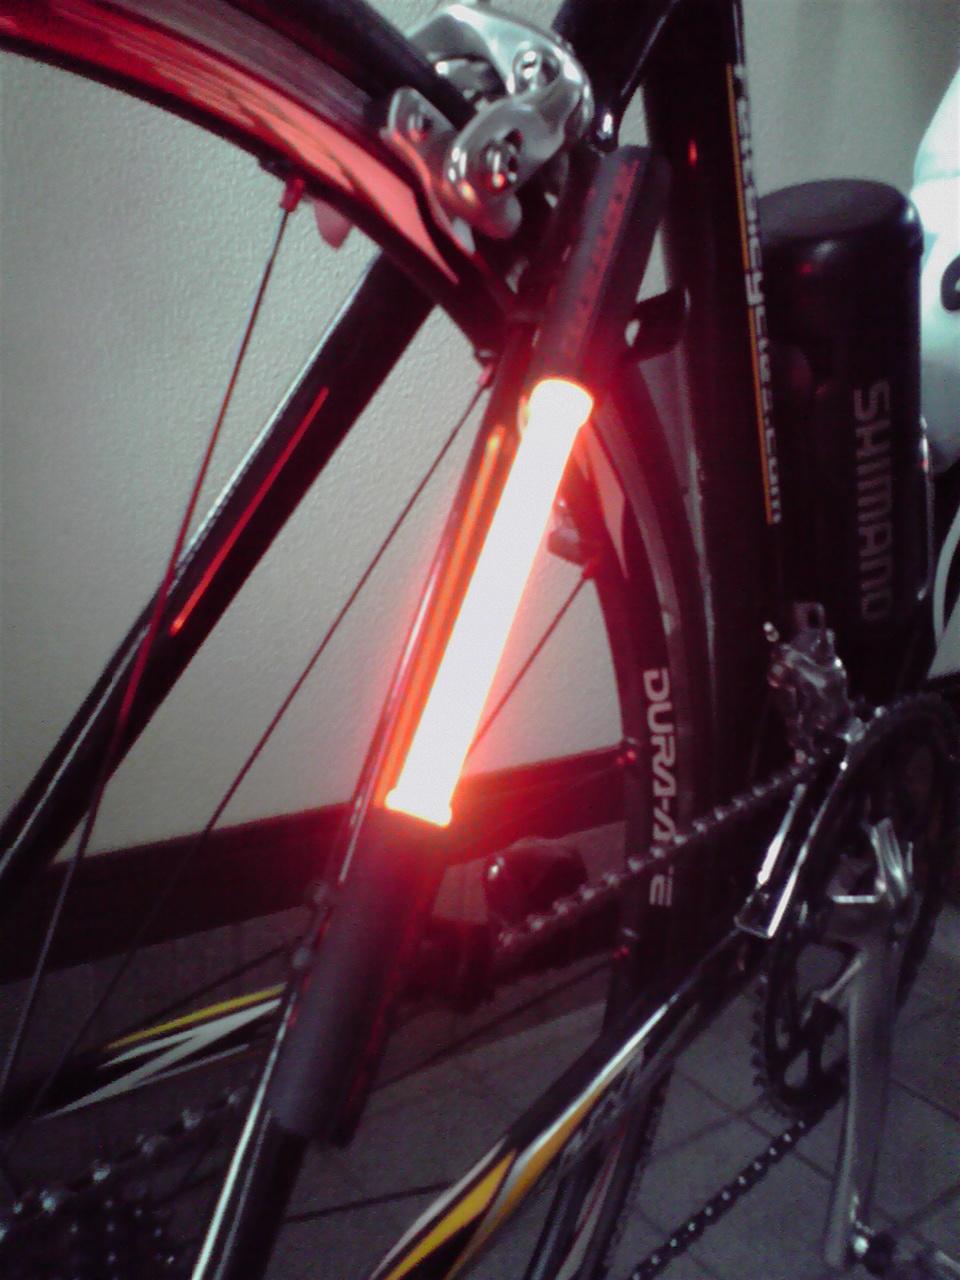 ... 自転車〜緩いのぼりを重いギア